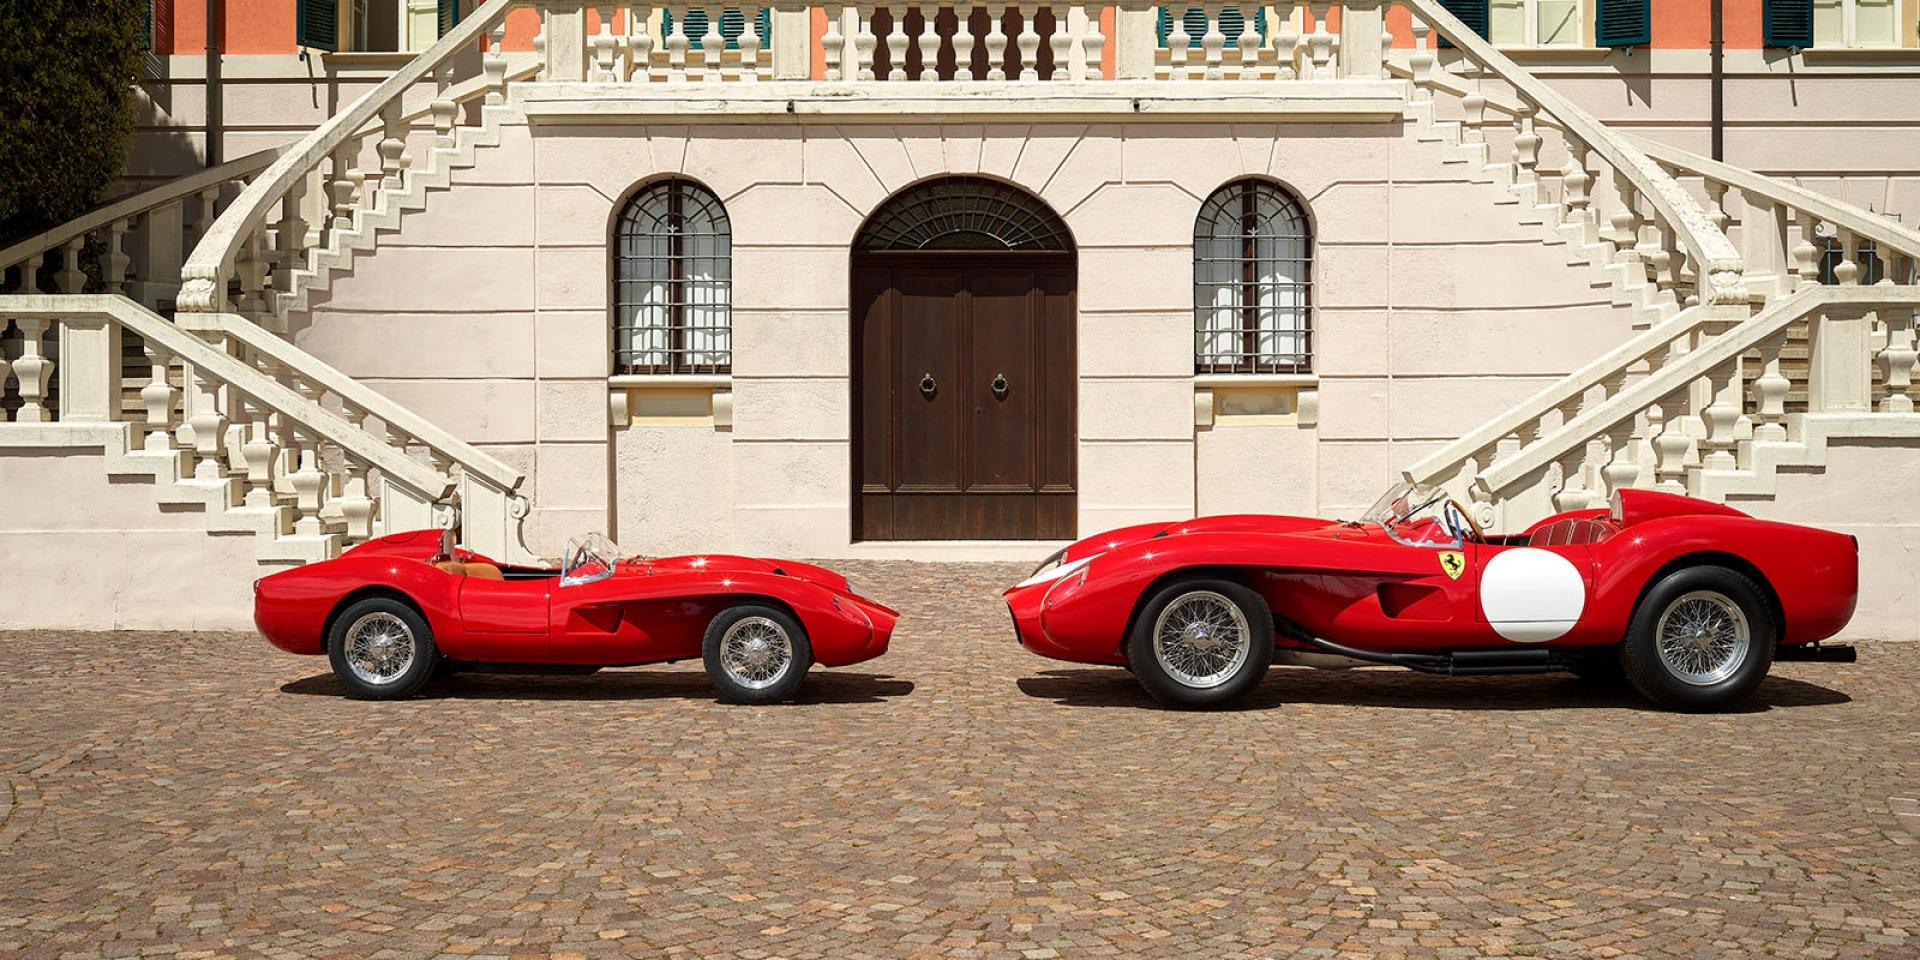 這台法拉利只要300萬 但只是玩具!純電動Ferrari Testa Rossa J 限量299台發表